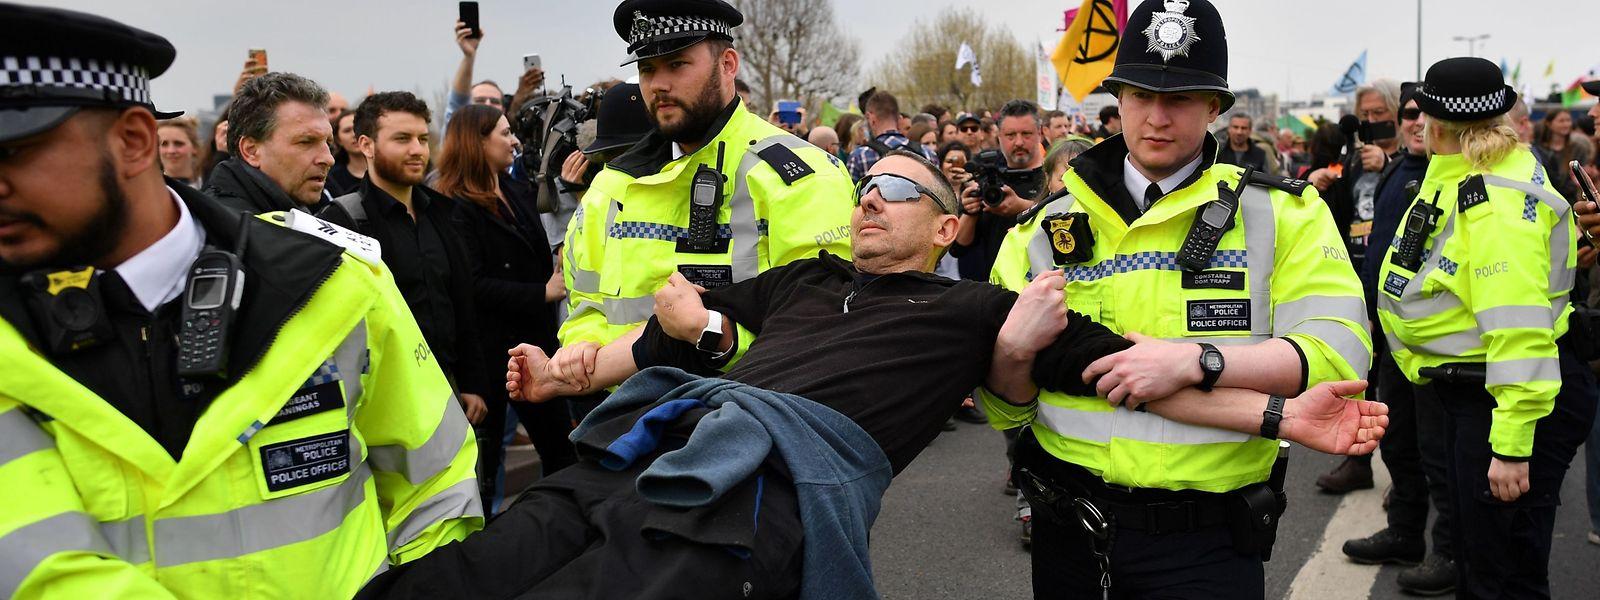 """Die Bewegung """"Ectinction Rebellion"""" hatte zu Protesten aufgerufen, die weitgehend friedlich verliefen."""